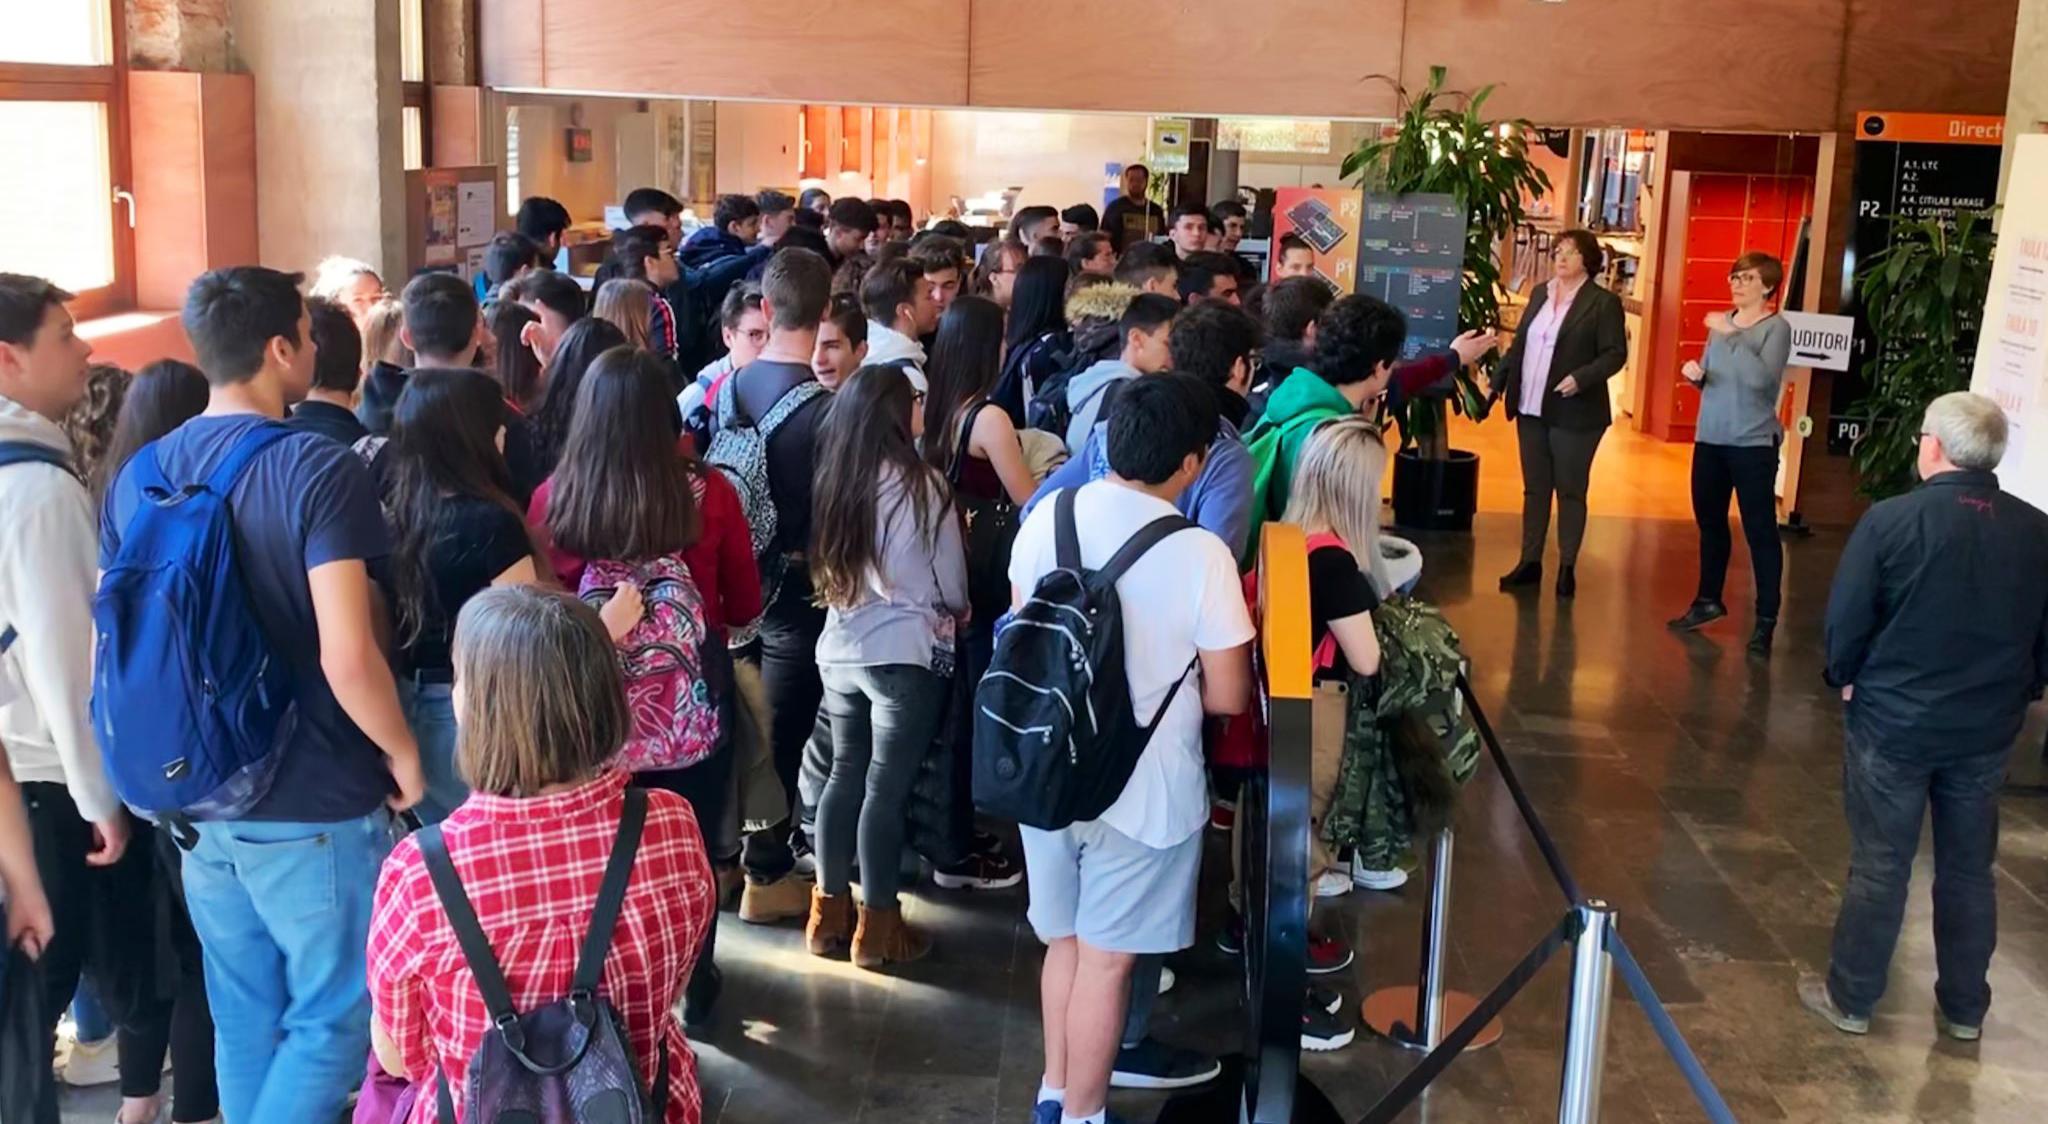 400 Alumnes I 23 Treballs De Recerca En Una Nova I Dinàmica Edició De La Mostra De Treballs De Recerca De Cornellà